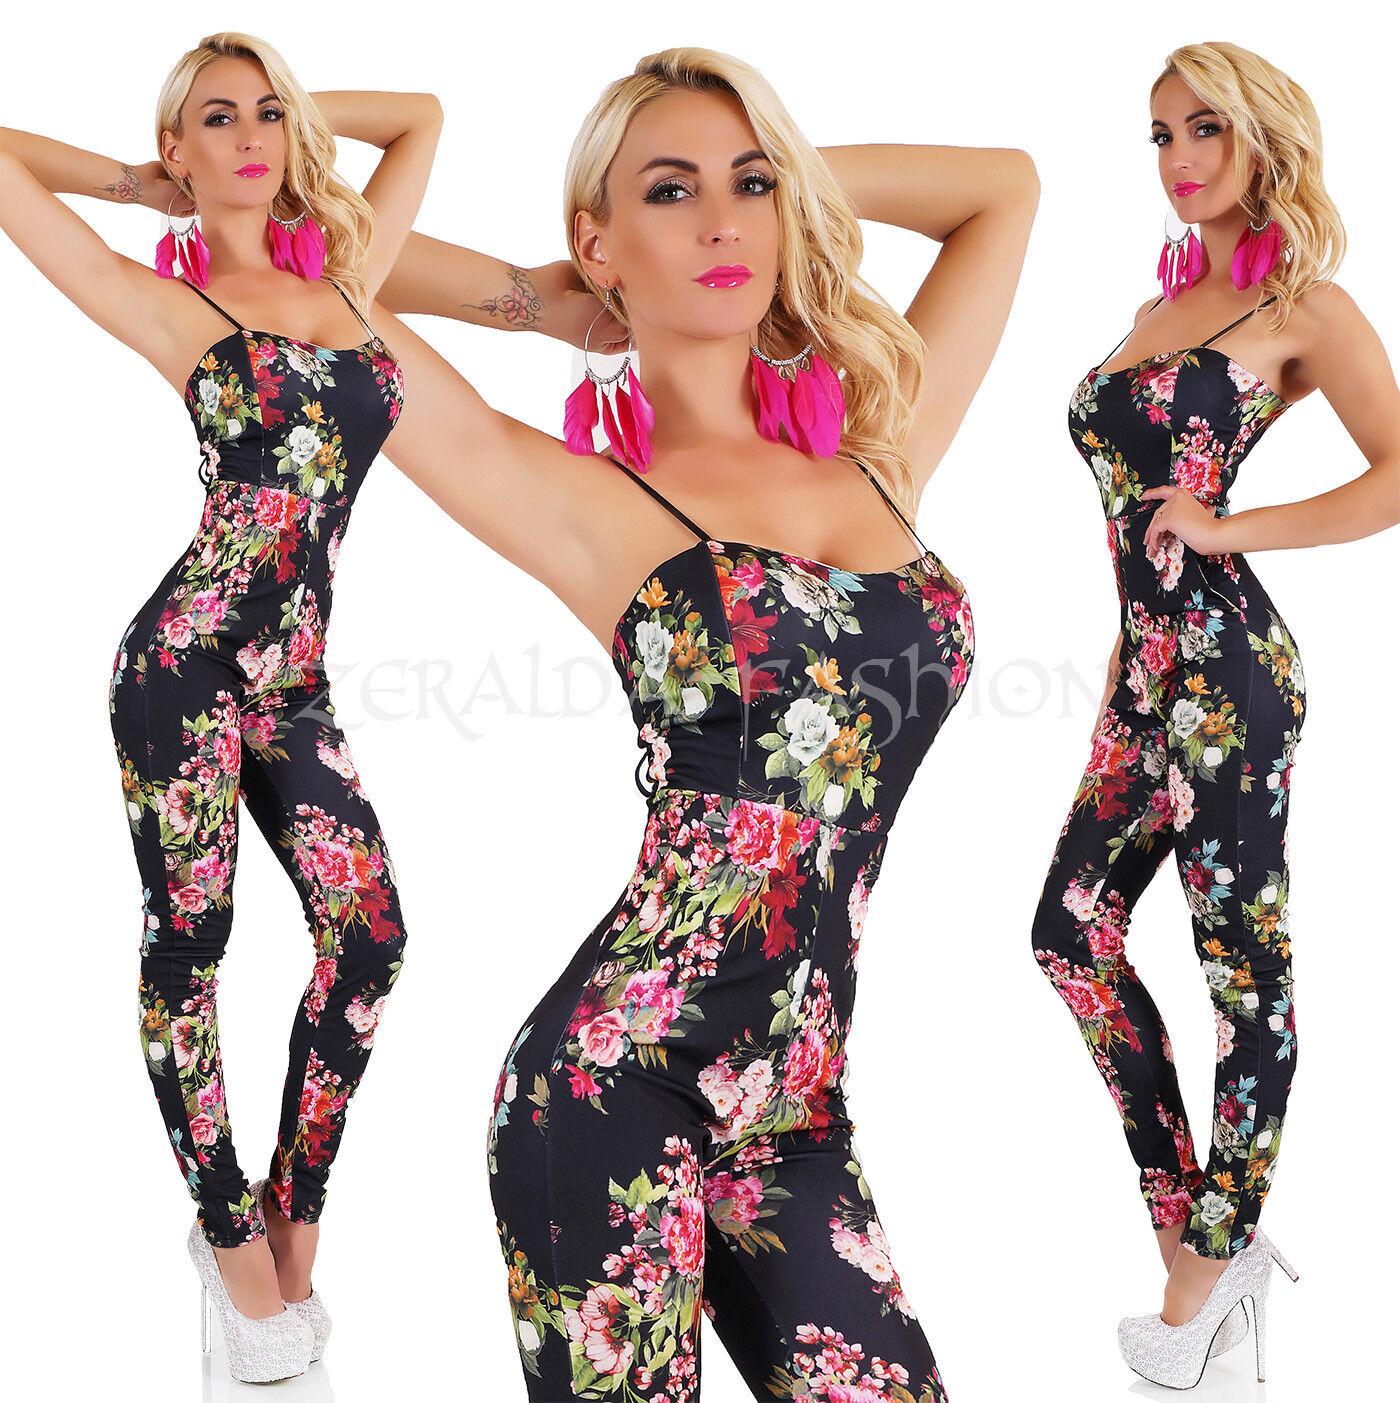 Chaud Combinaison sexuelle une pièce pantalon de sizeur fleuri 34-38